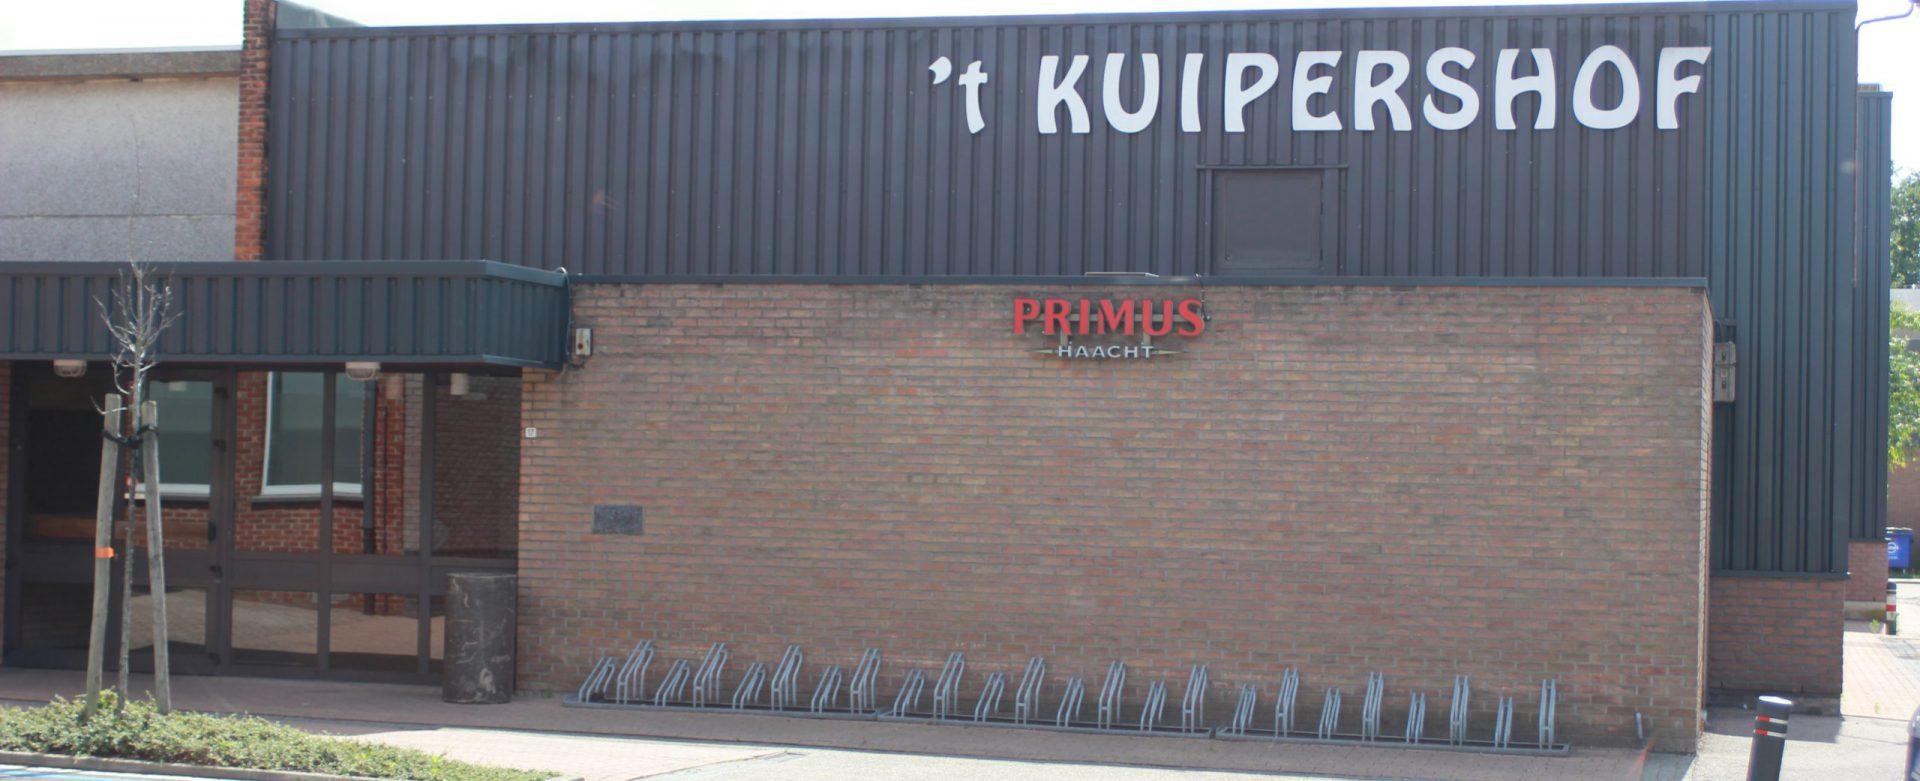 't Kuipershof